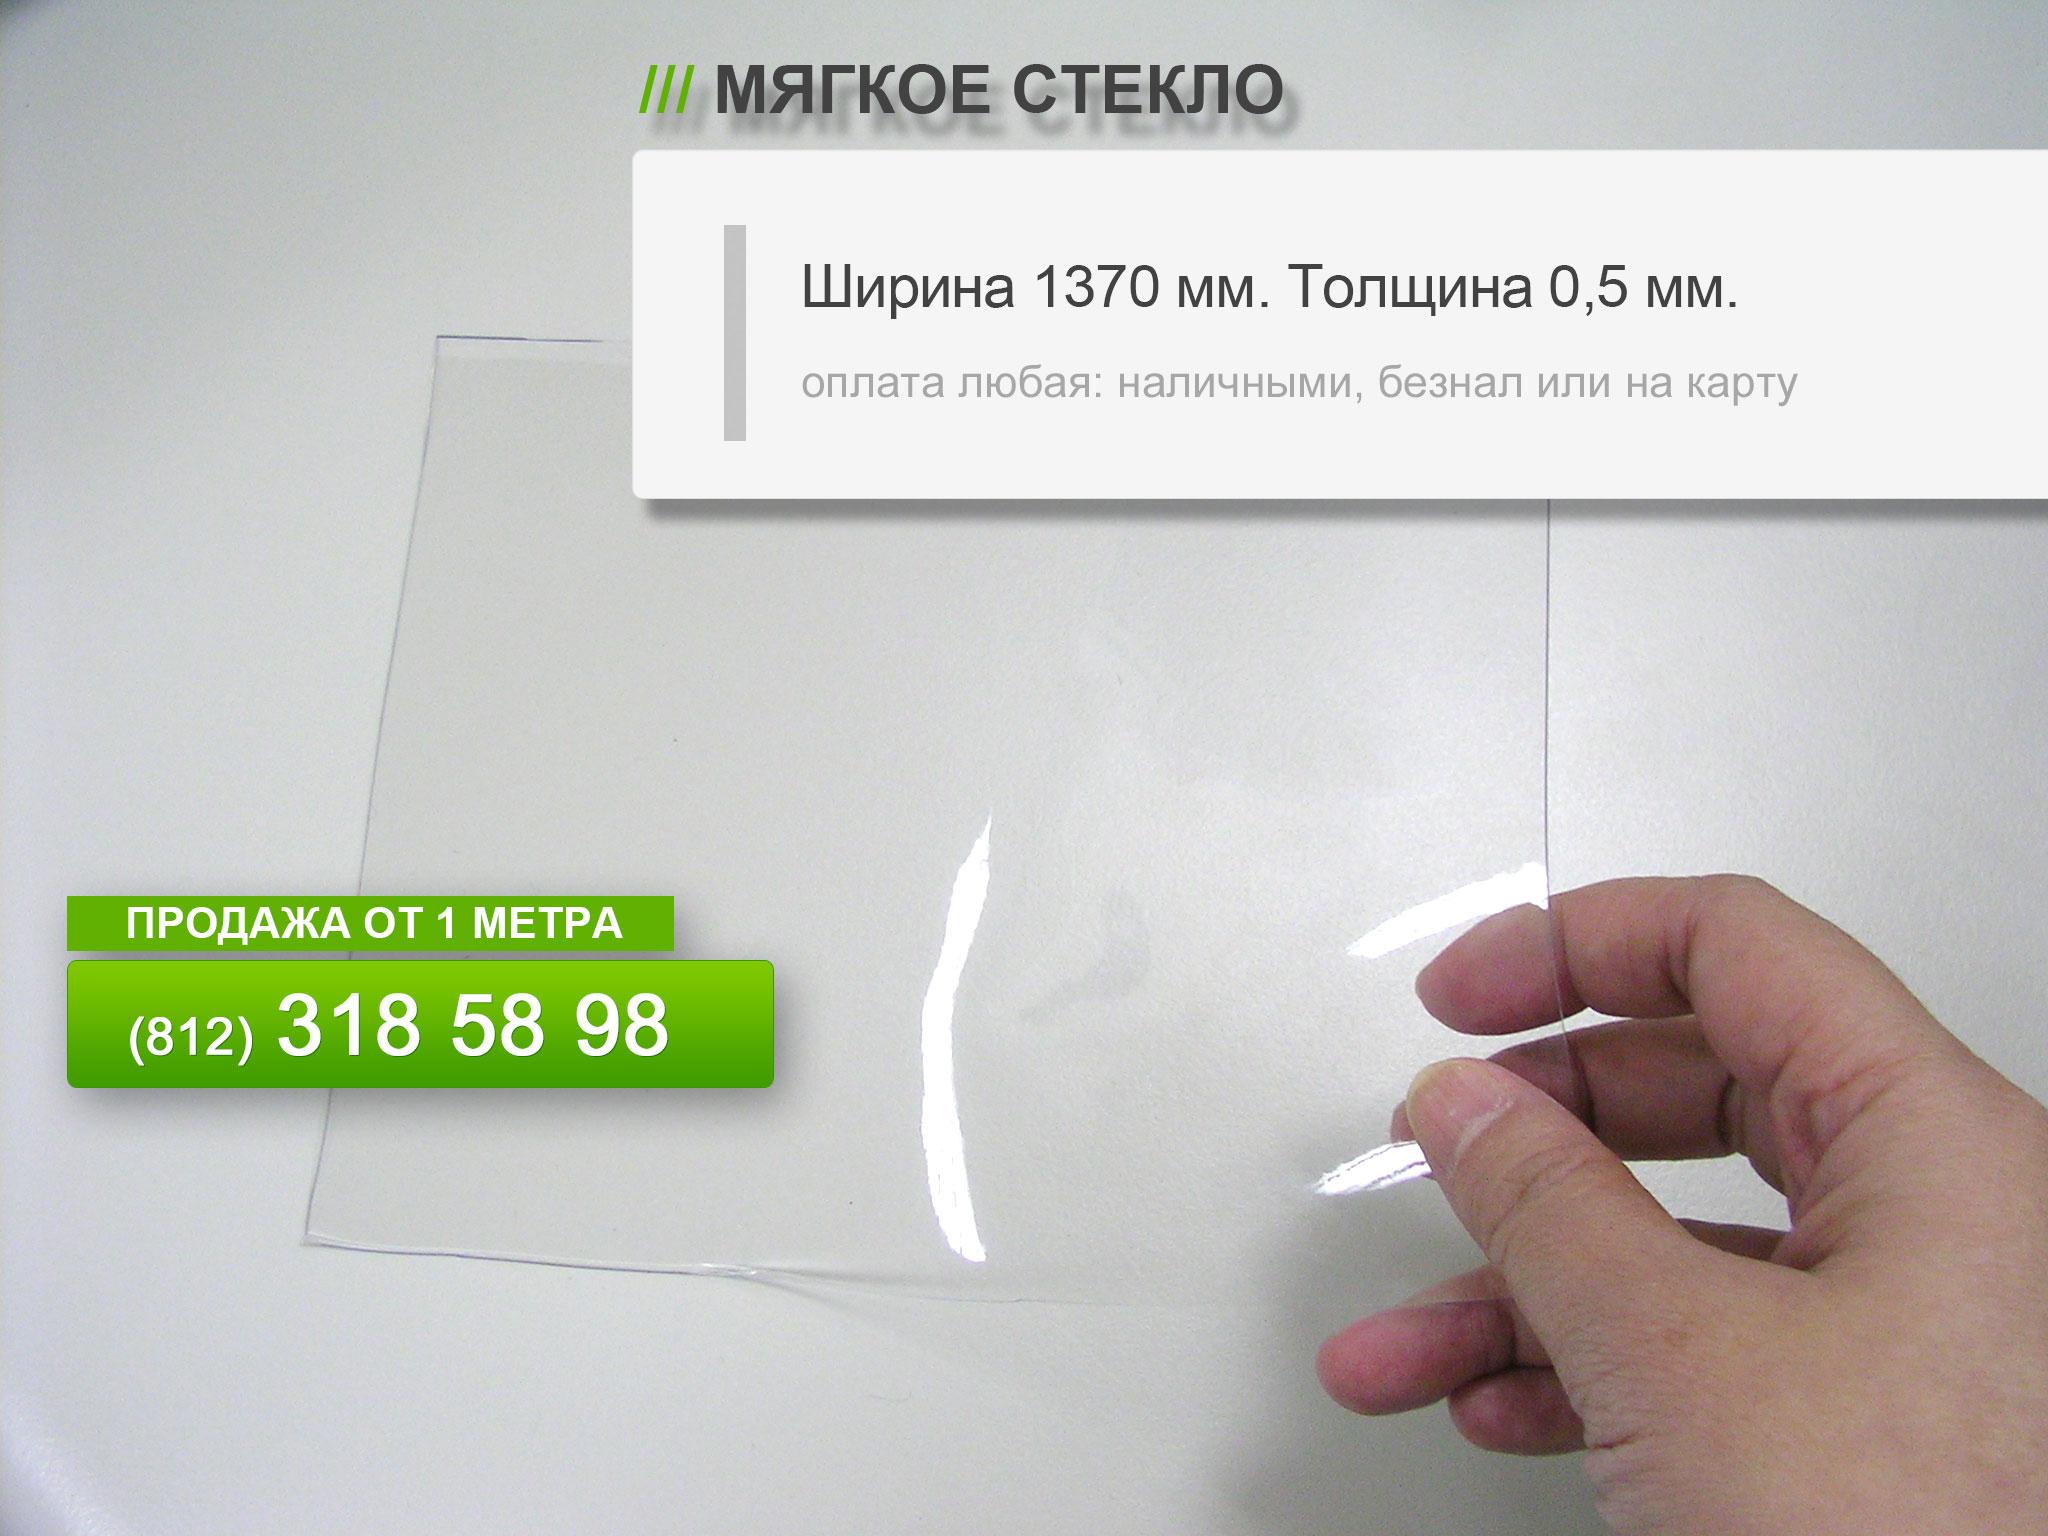 Фото предложения по продаже мягкого стекла для беседок прозрачный мягкий ПВХ стекло можно купить недорого за погонный метр.